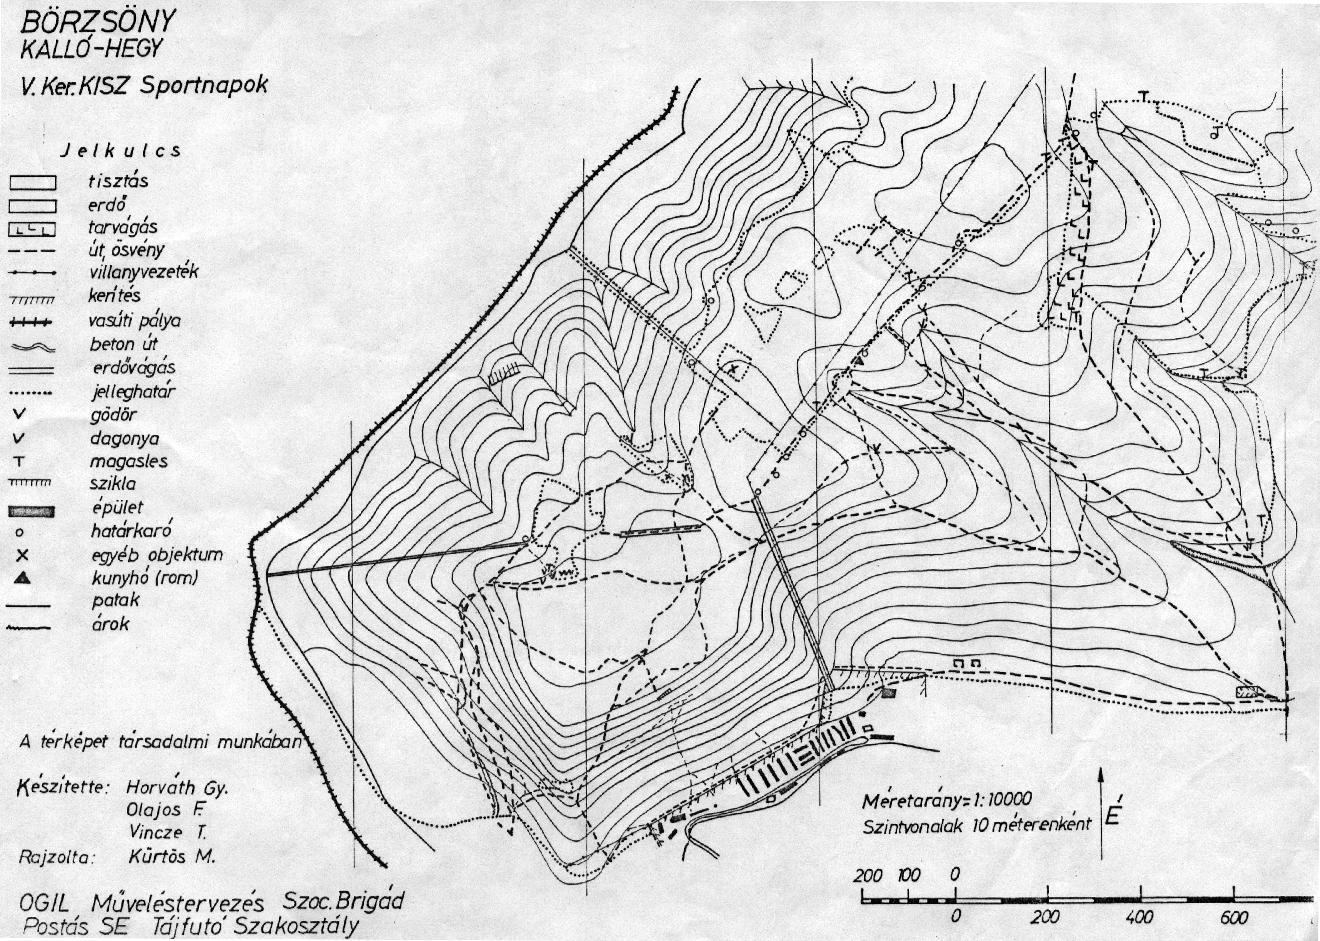 debrecen nagycsere térkép Fekete feher tajfuto terkepek debrecen nagycsere térkép